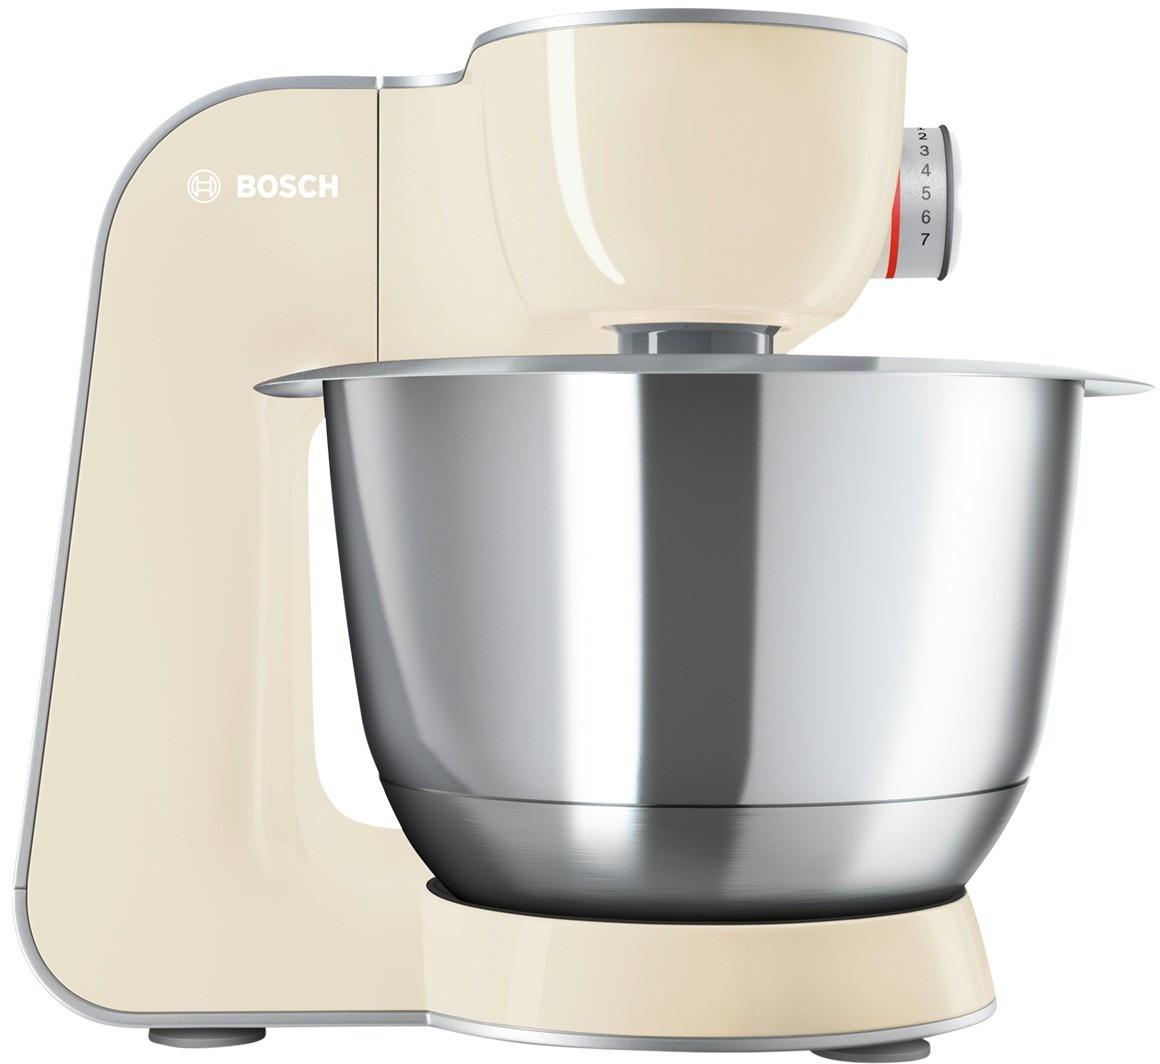 Robot de cuisine multifonction Bosch CreationLine MUM58L20 - 1000 W, beige (via ODR de 19.5€)